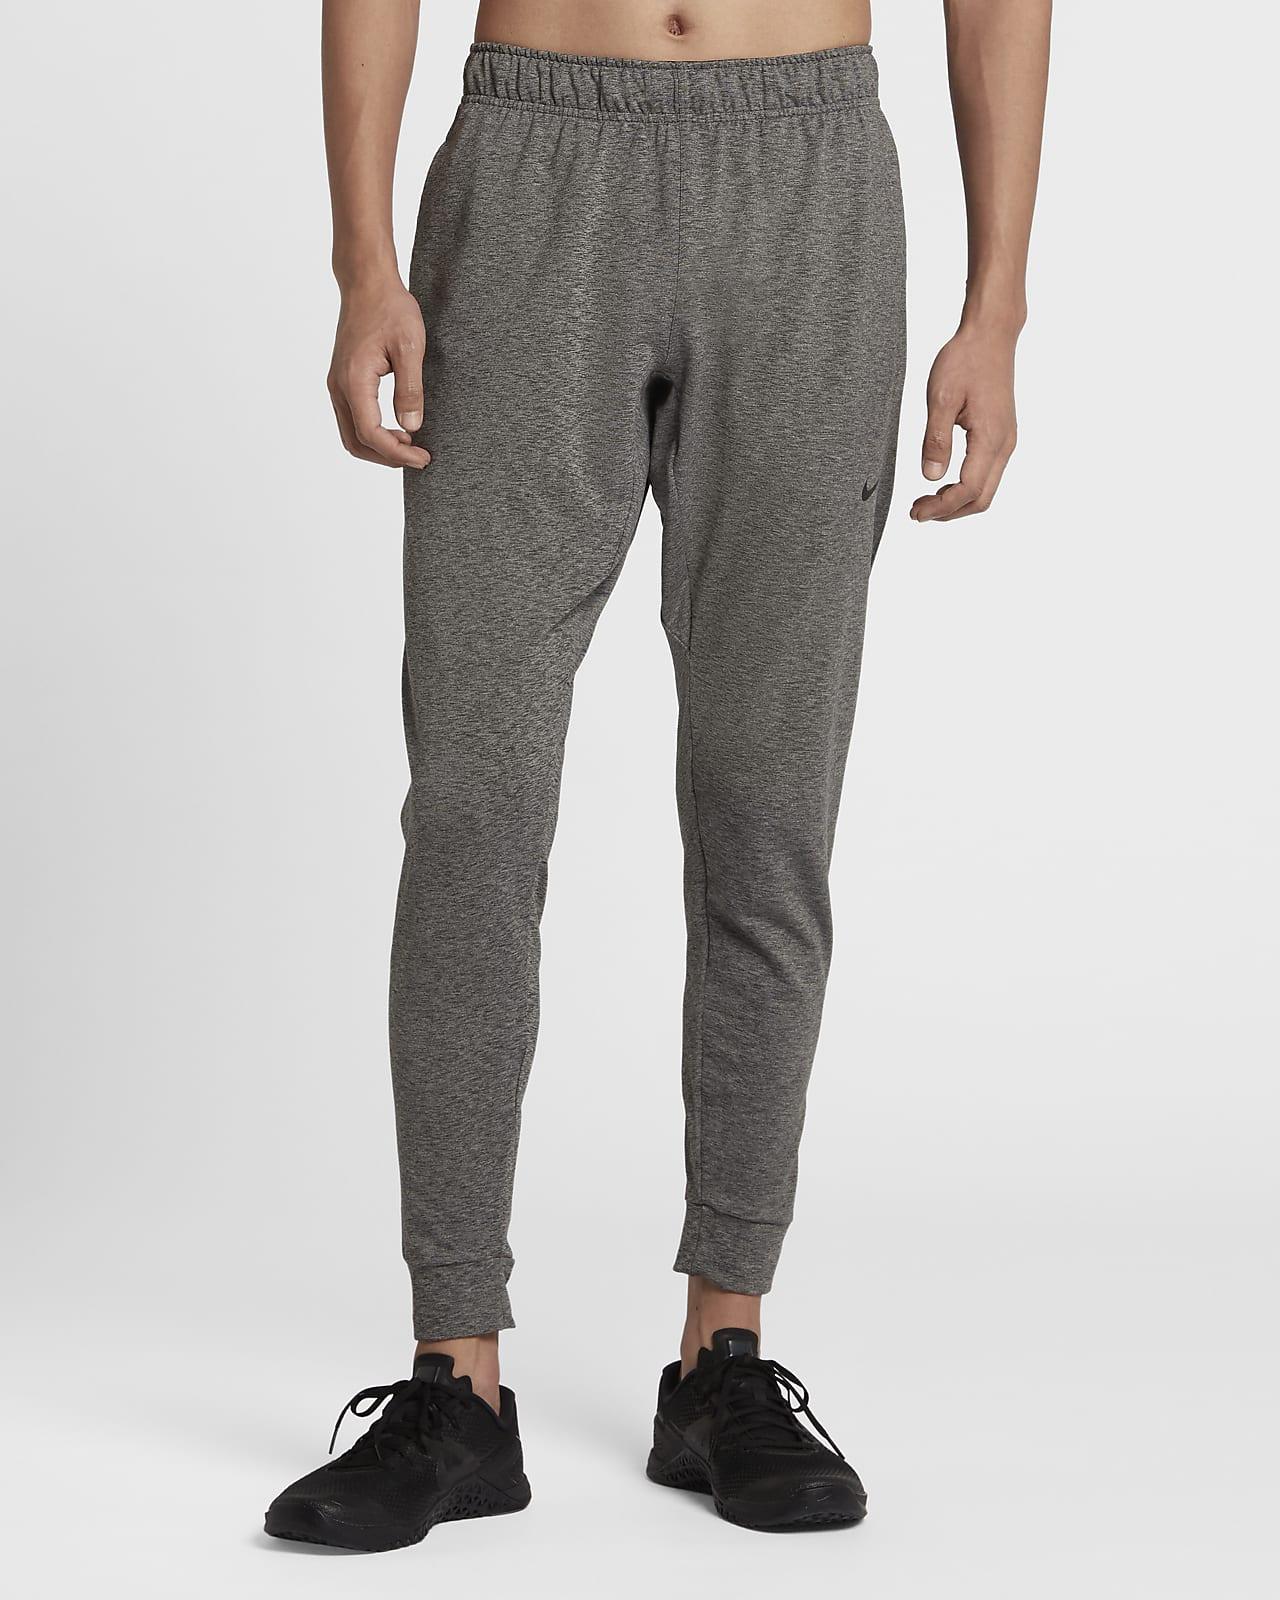 Nike Dri-FIT 男款瑜伽訓練運動褲